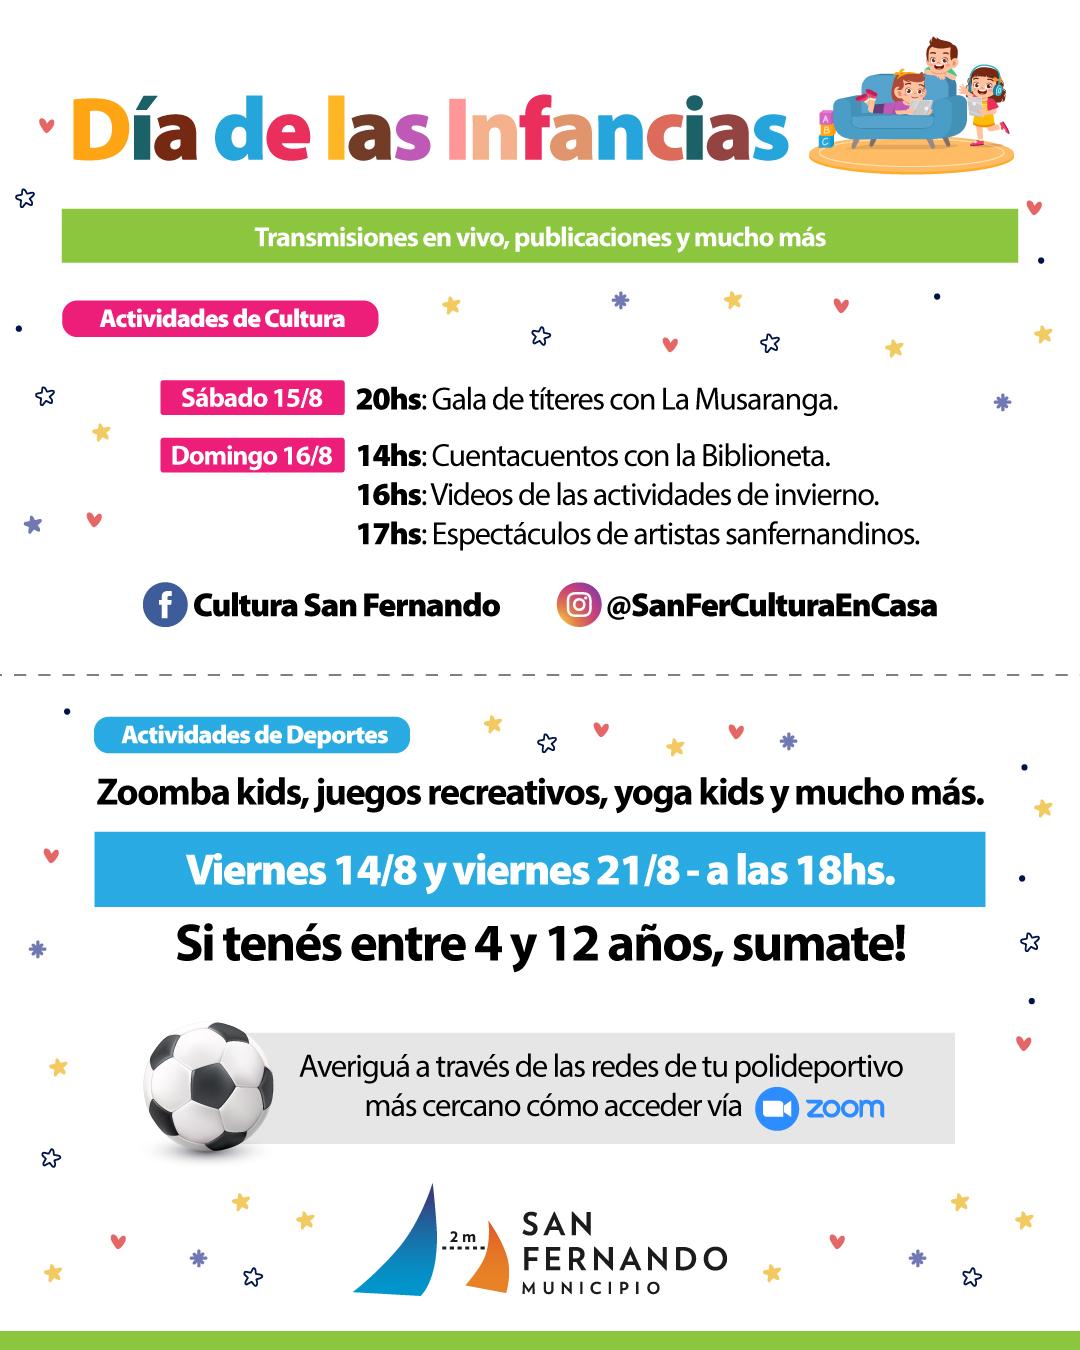 San Fernando festejará del 'Día de las Infancias' por plataformas virtuales y redes sociales